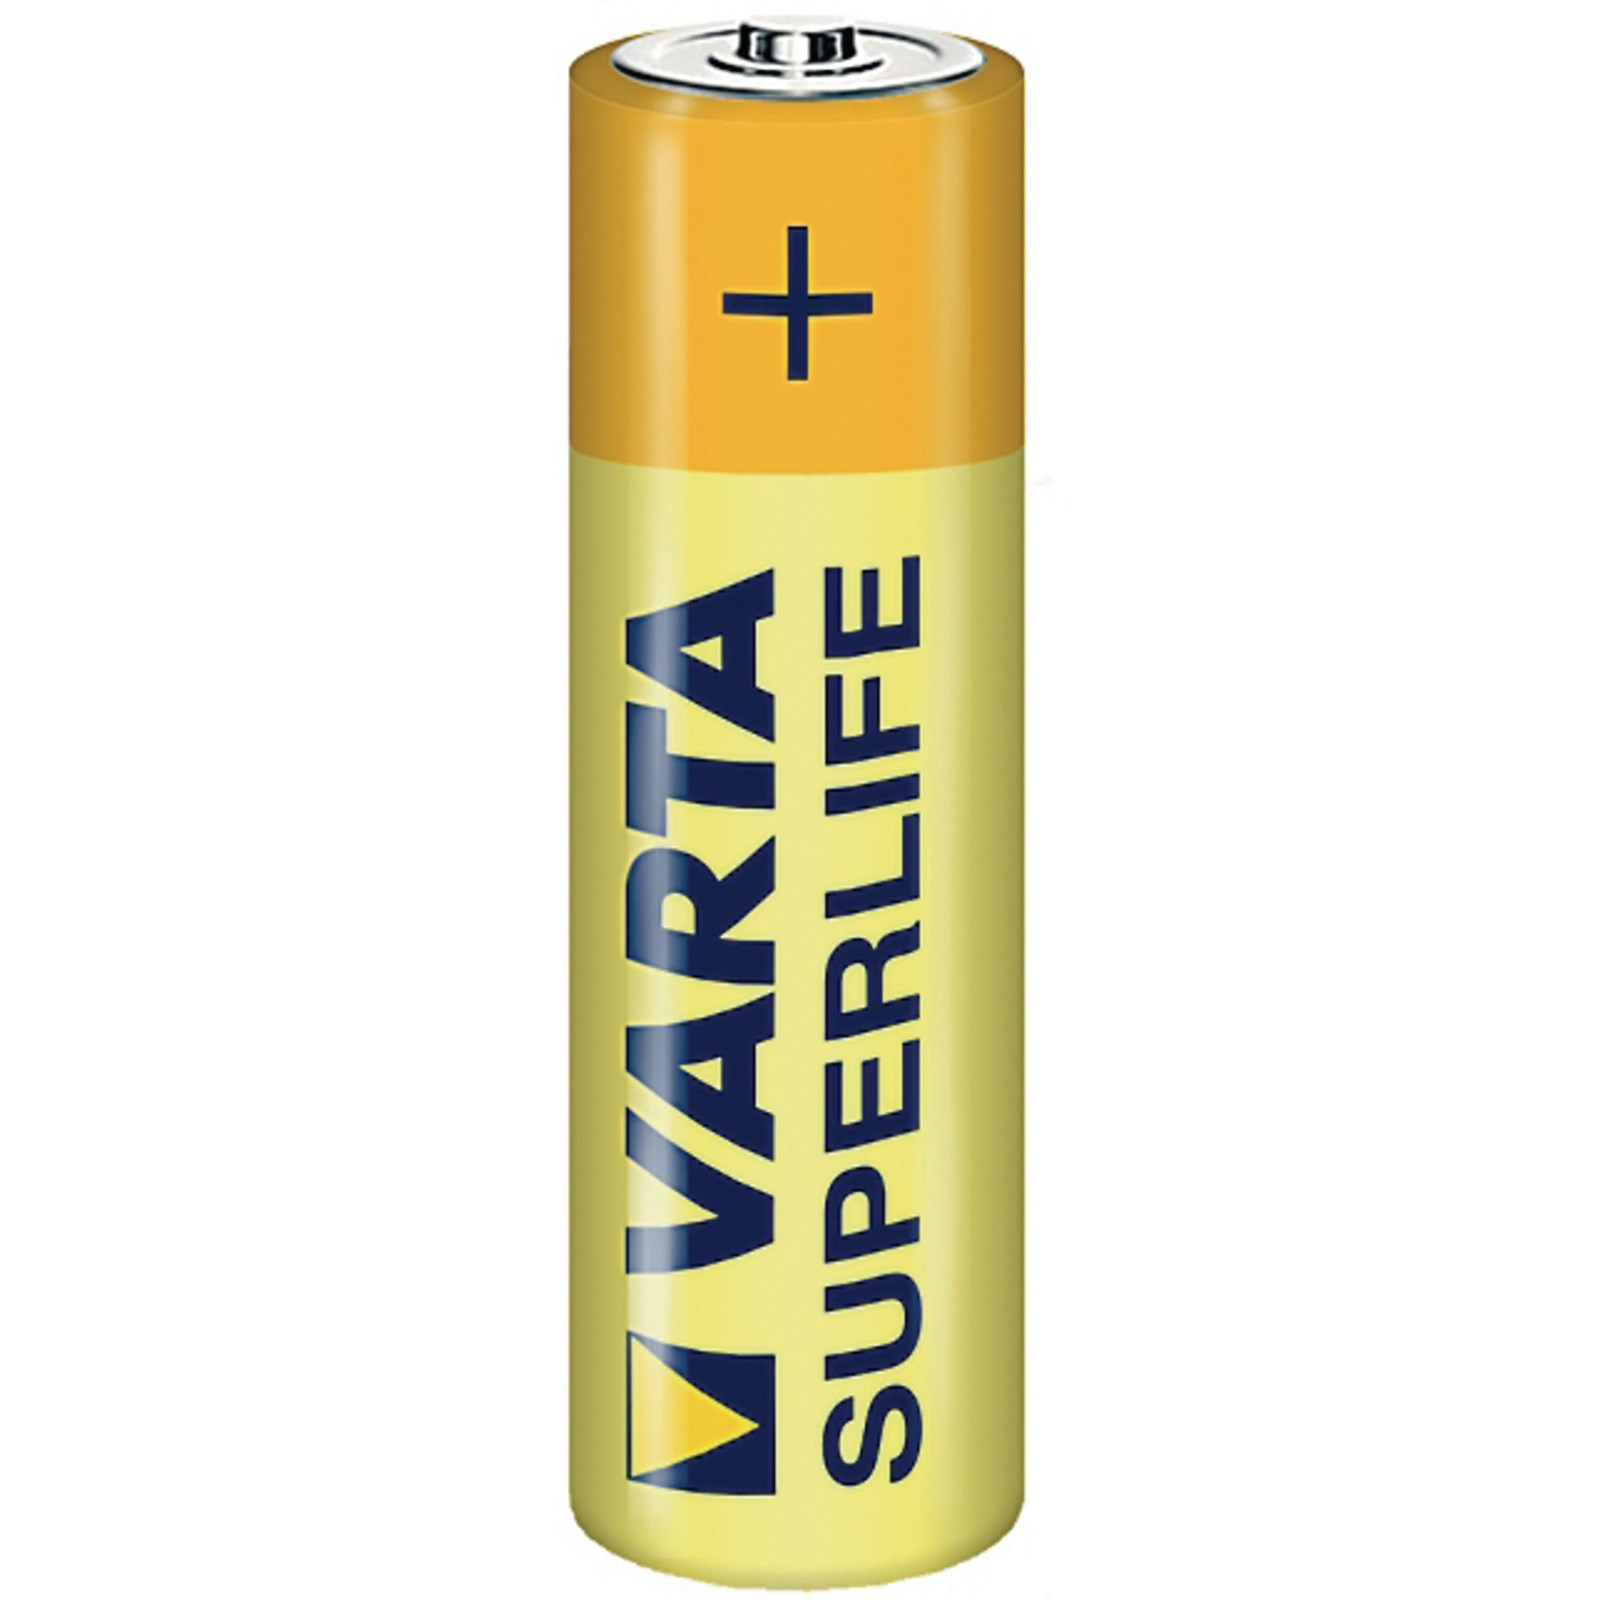 High Power Zinc Chloride Battery - AA, R6